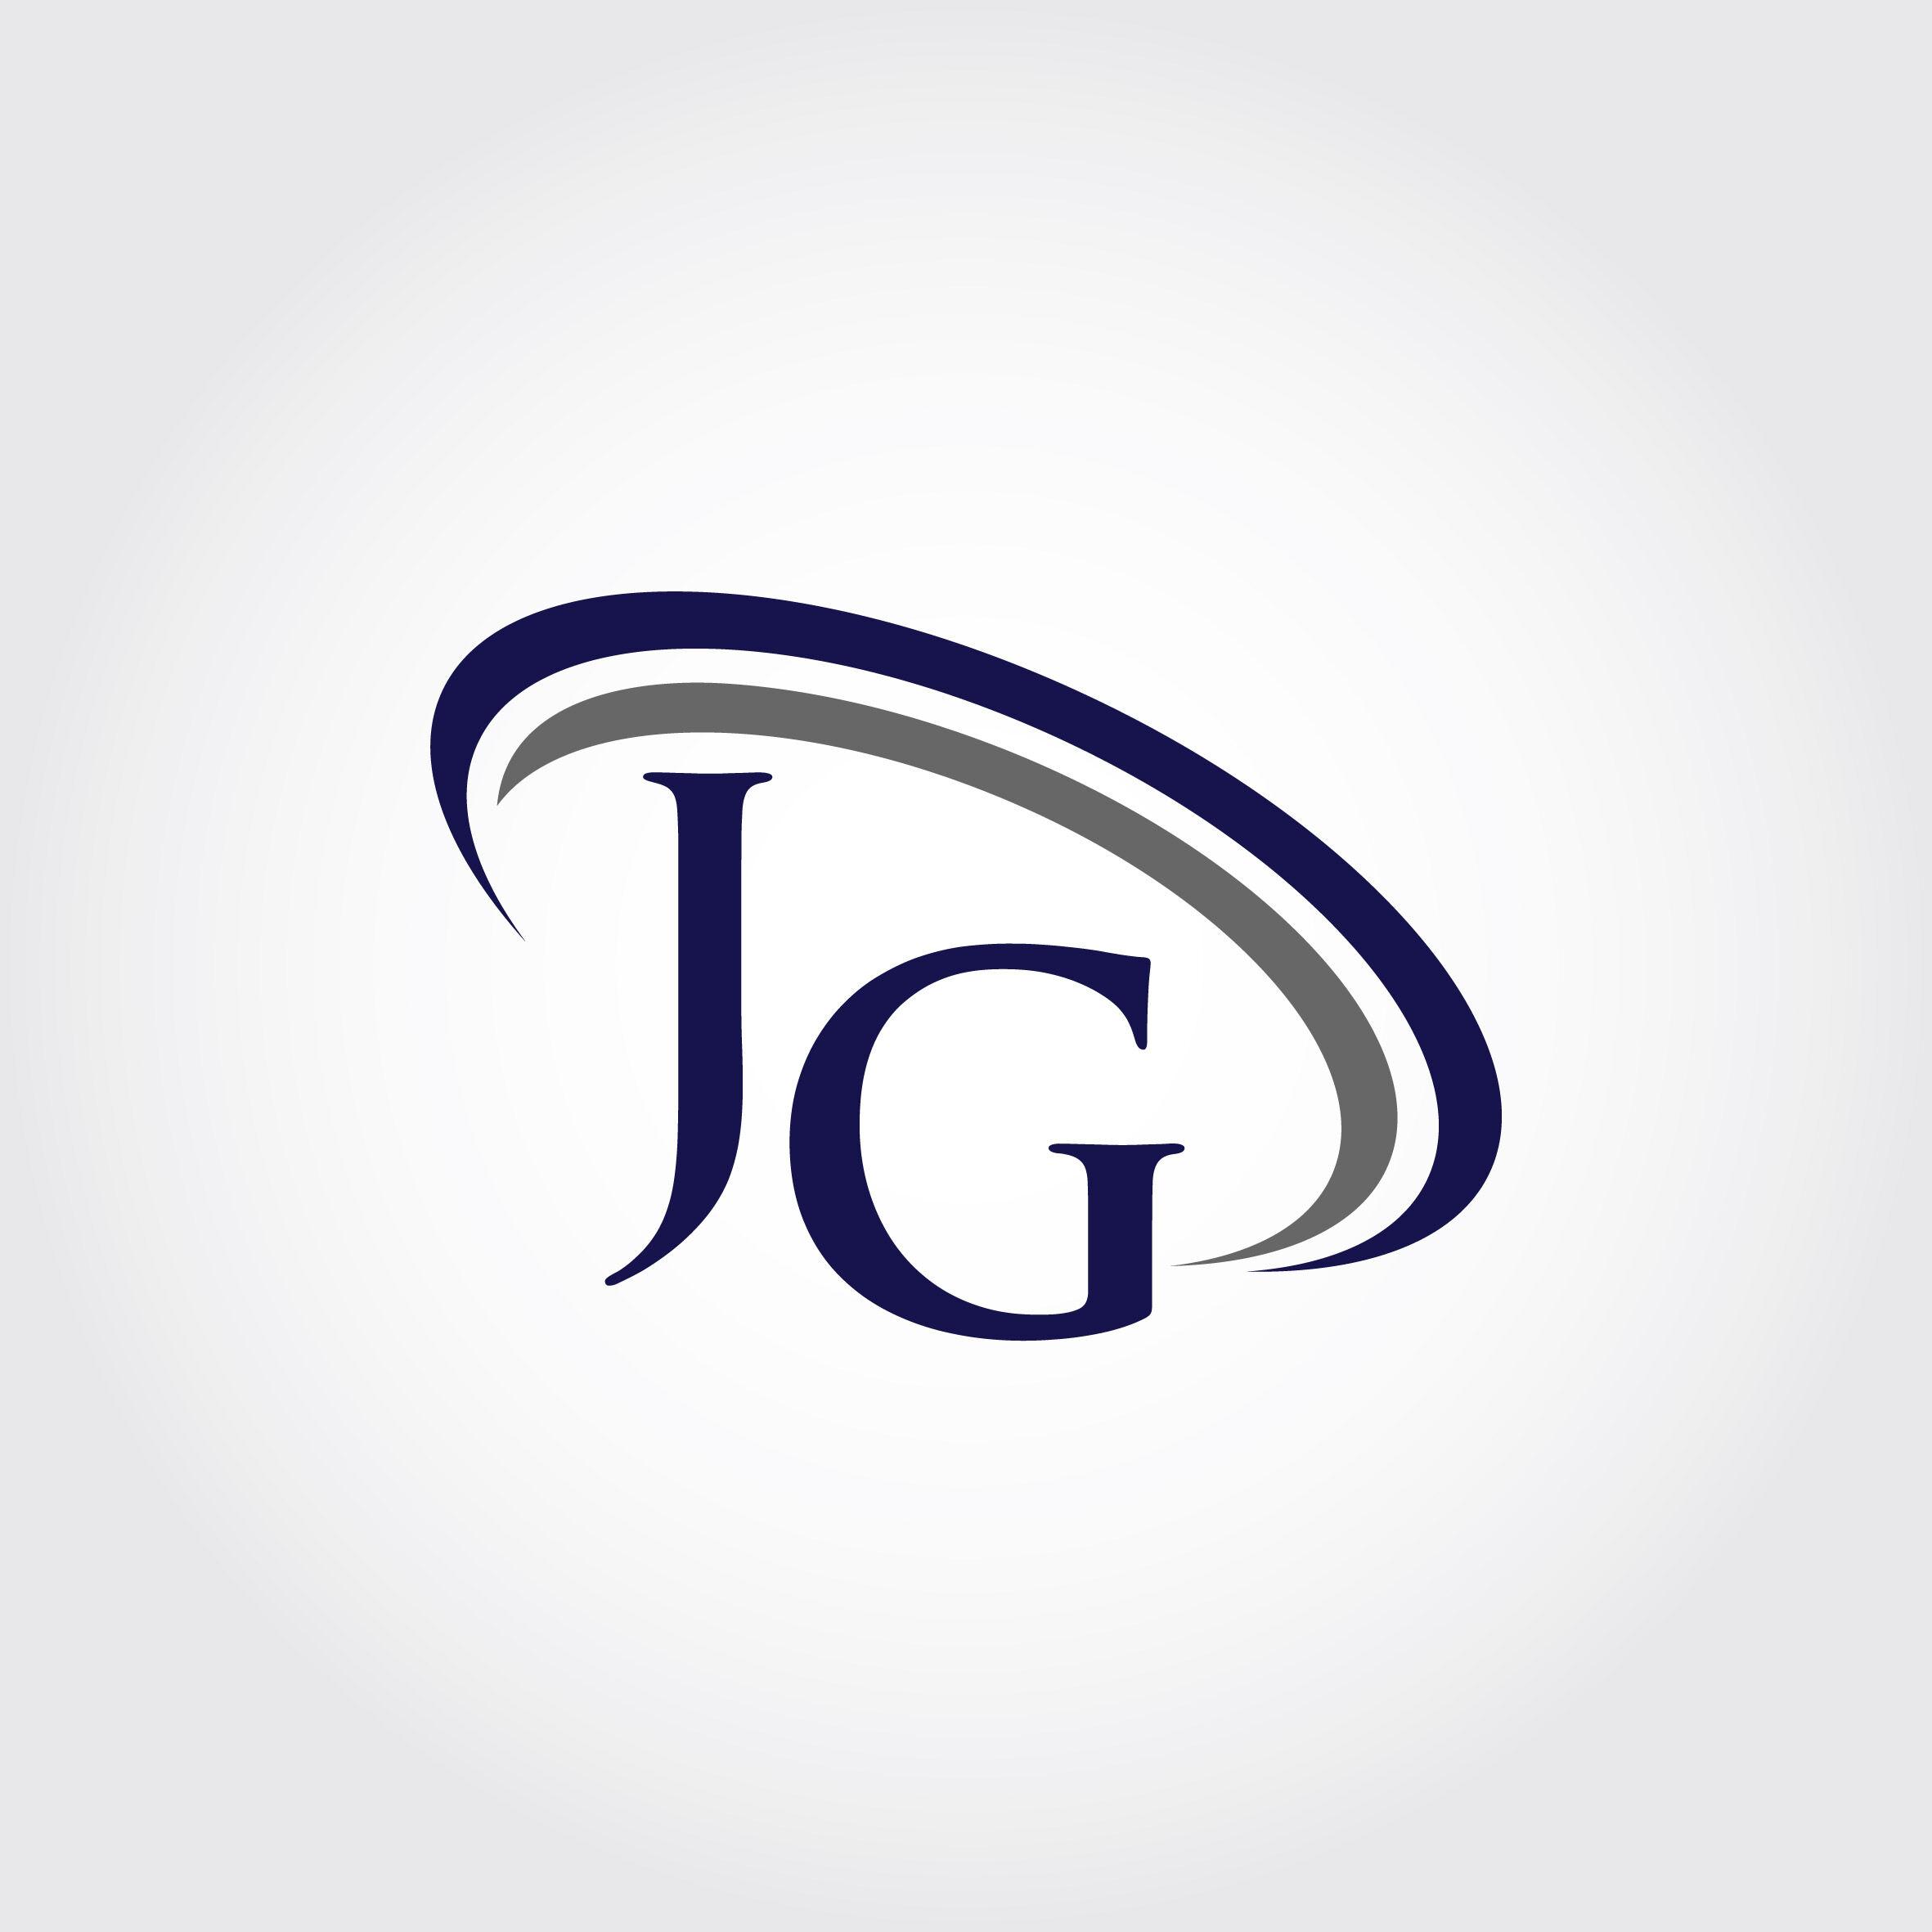 JG Studio - YouTube